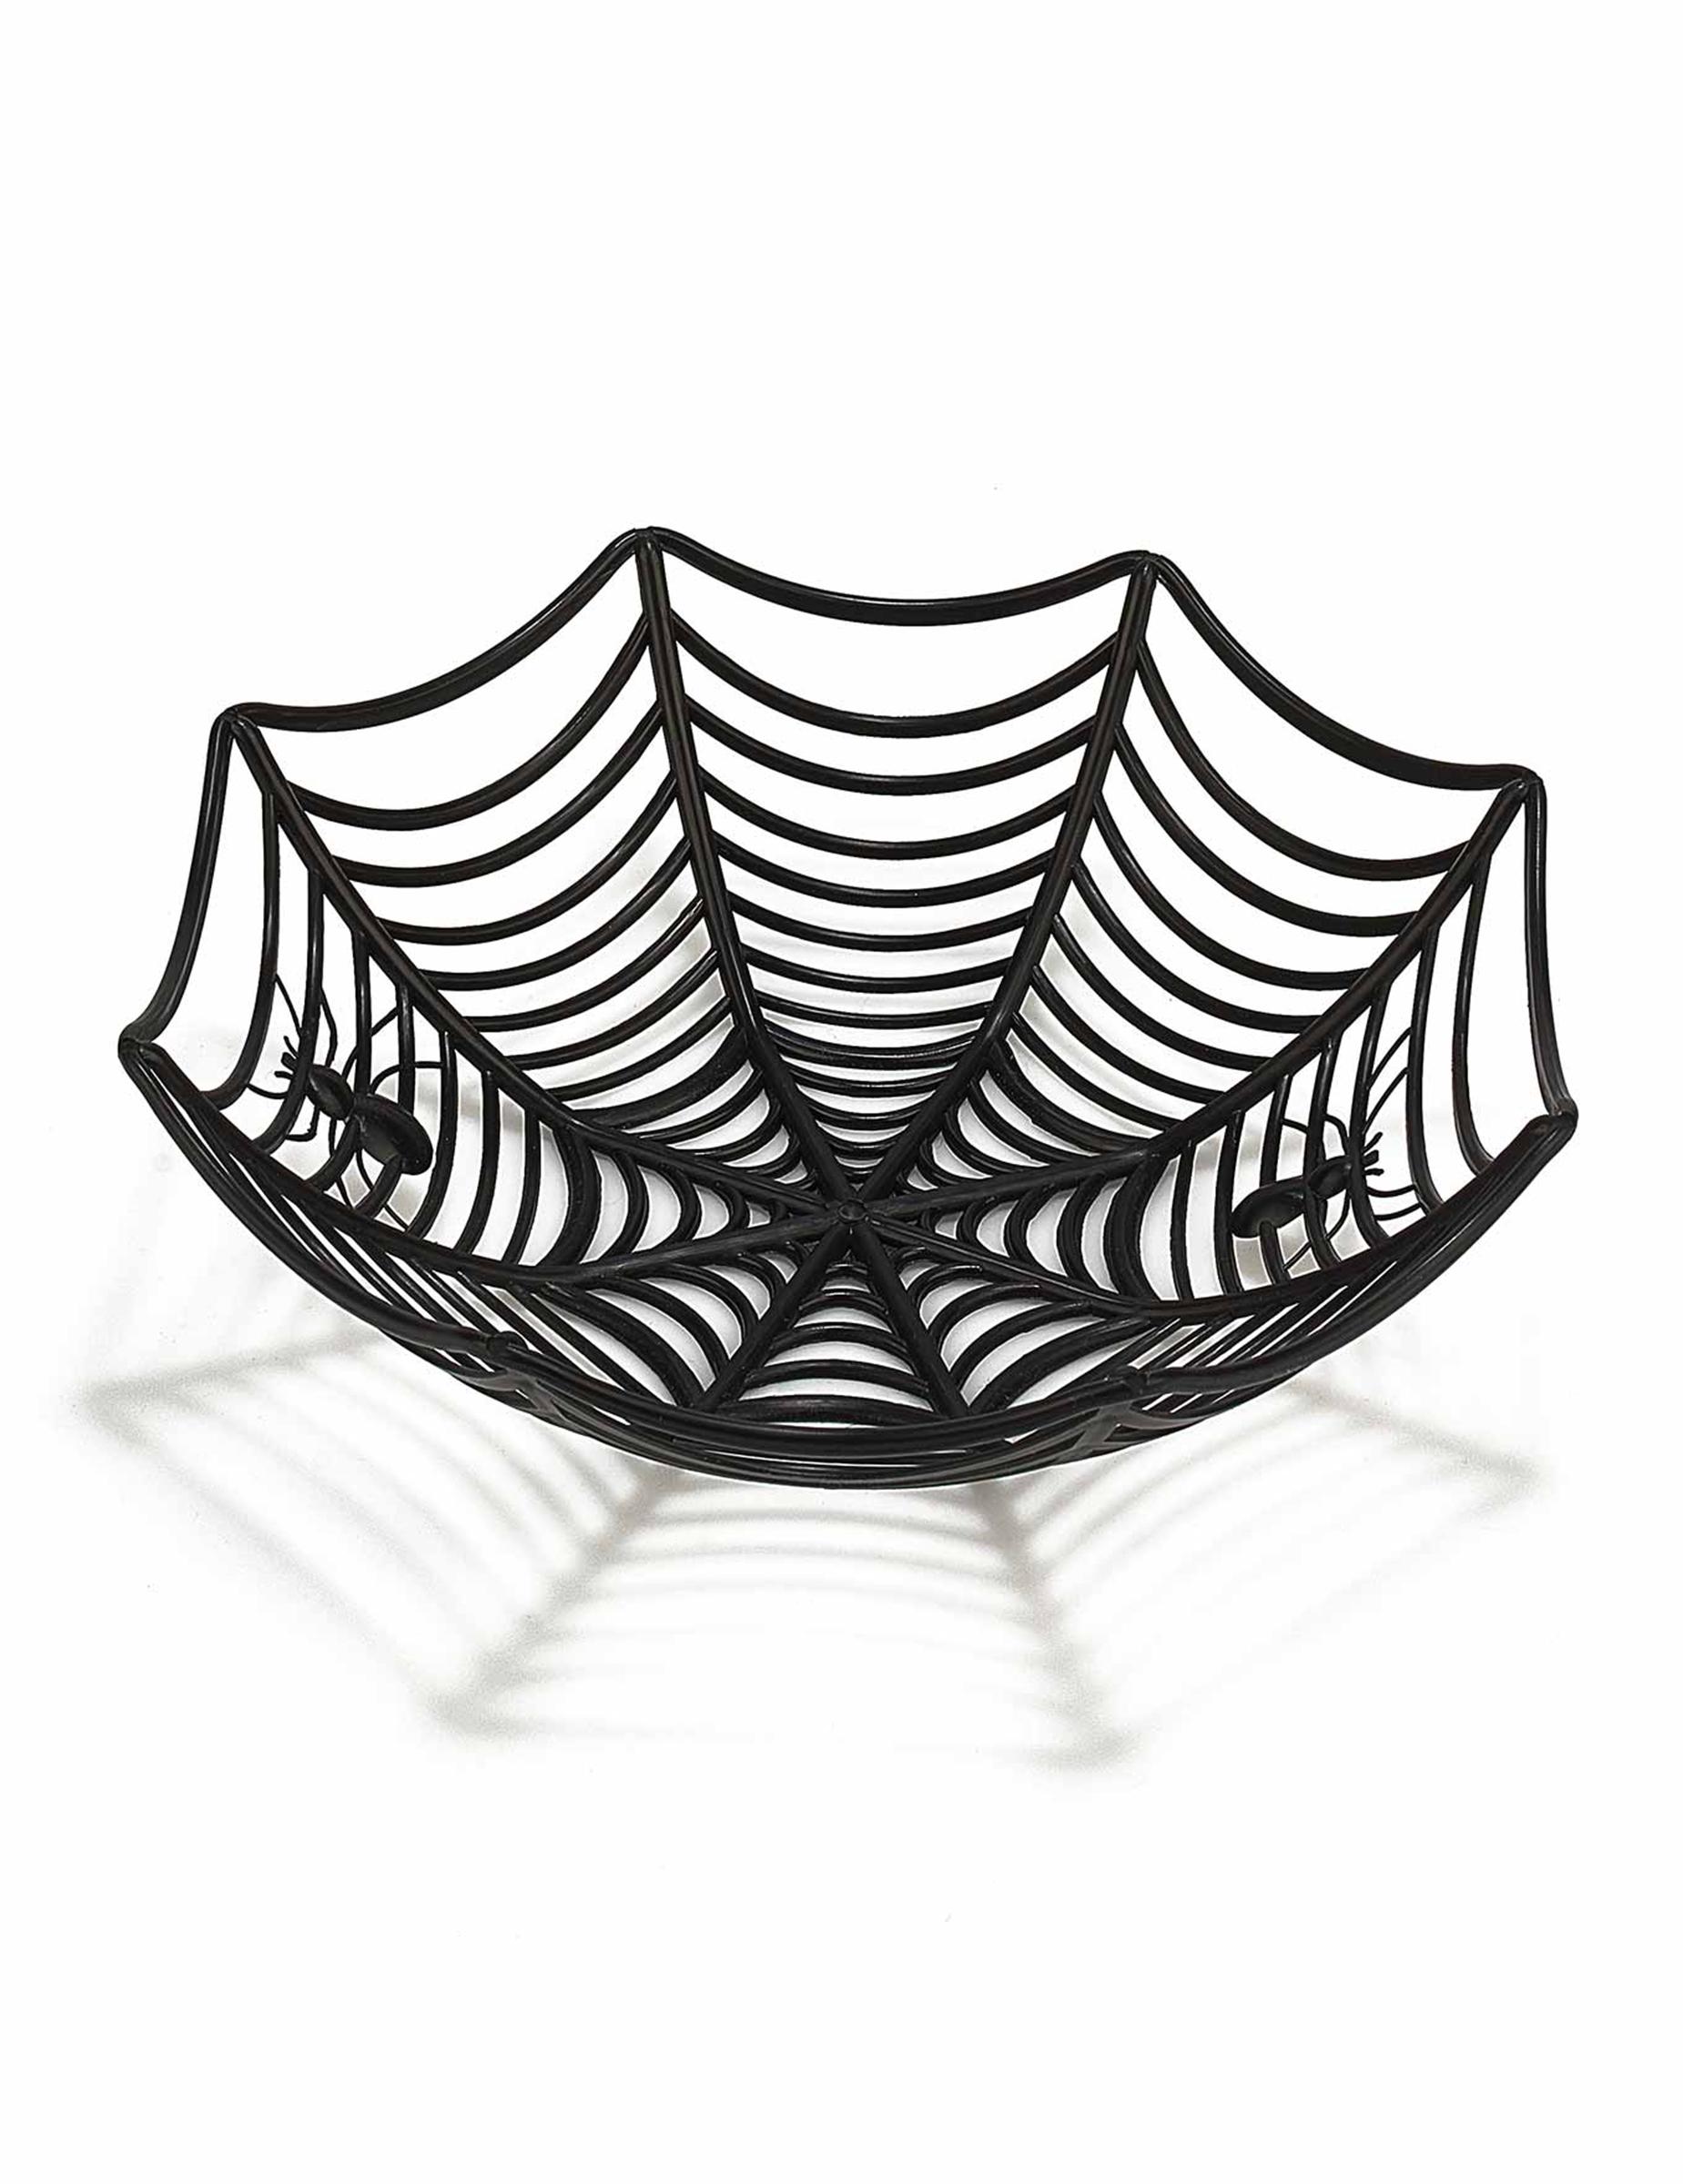 Spinnennetz schale halloween deko schwarz 27cm g nstige faschings partydeko zubeh r bei - Deko tablett schwarz ...